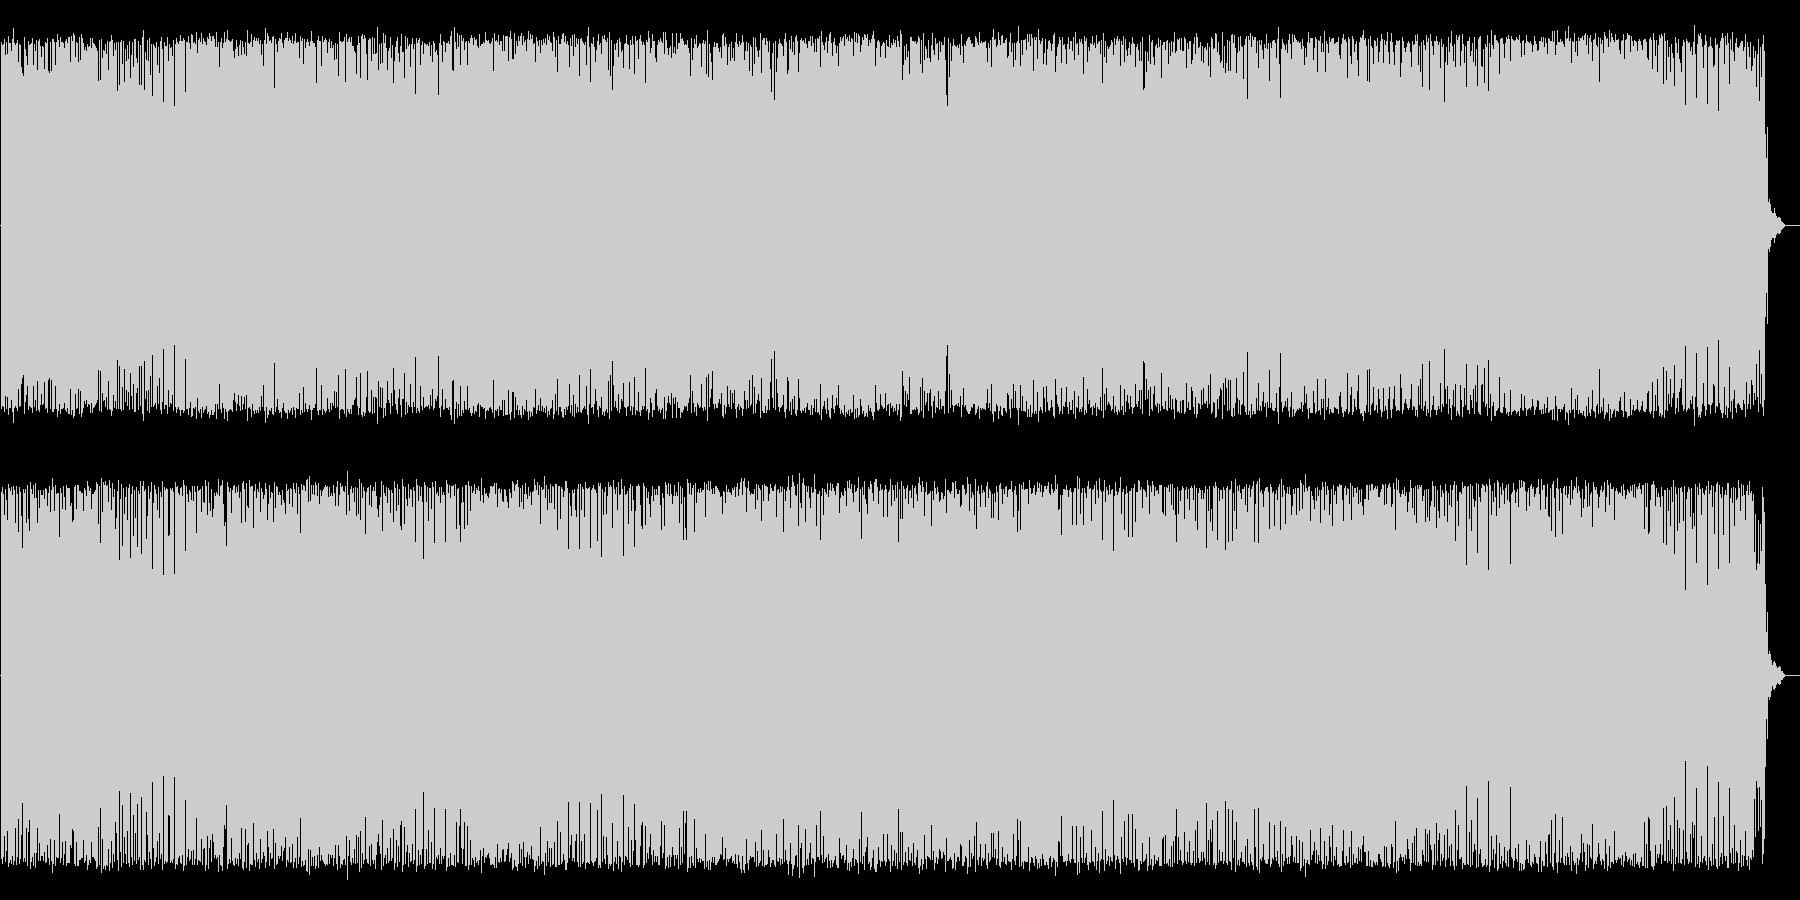 クールで近未来感のあるインスト曲の未再生の波形